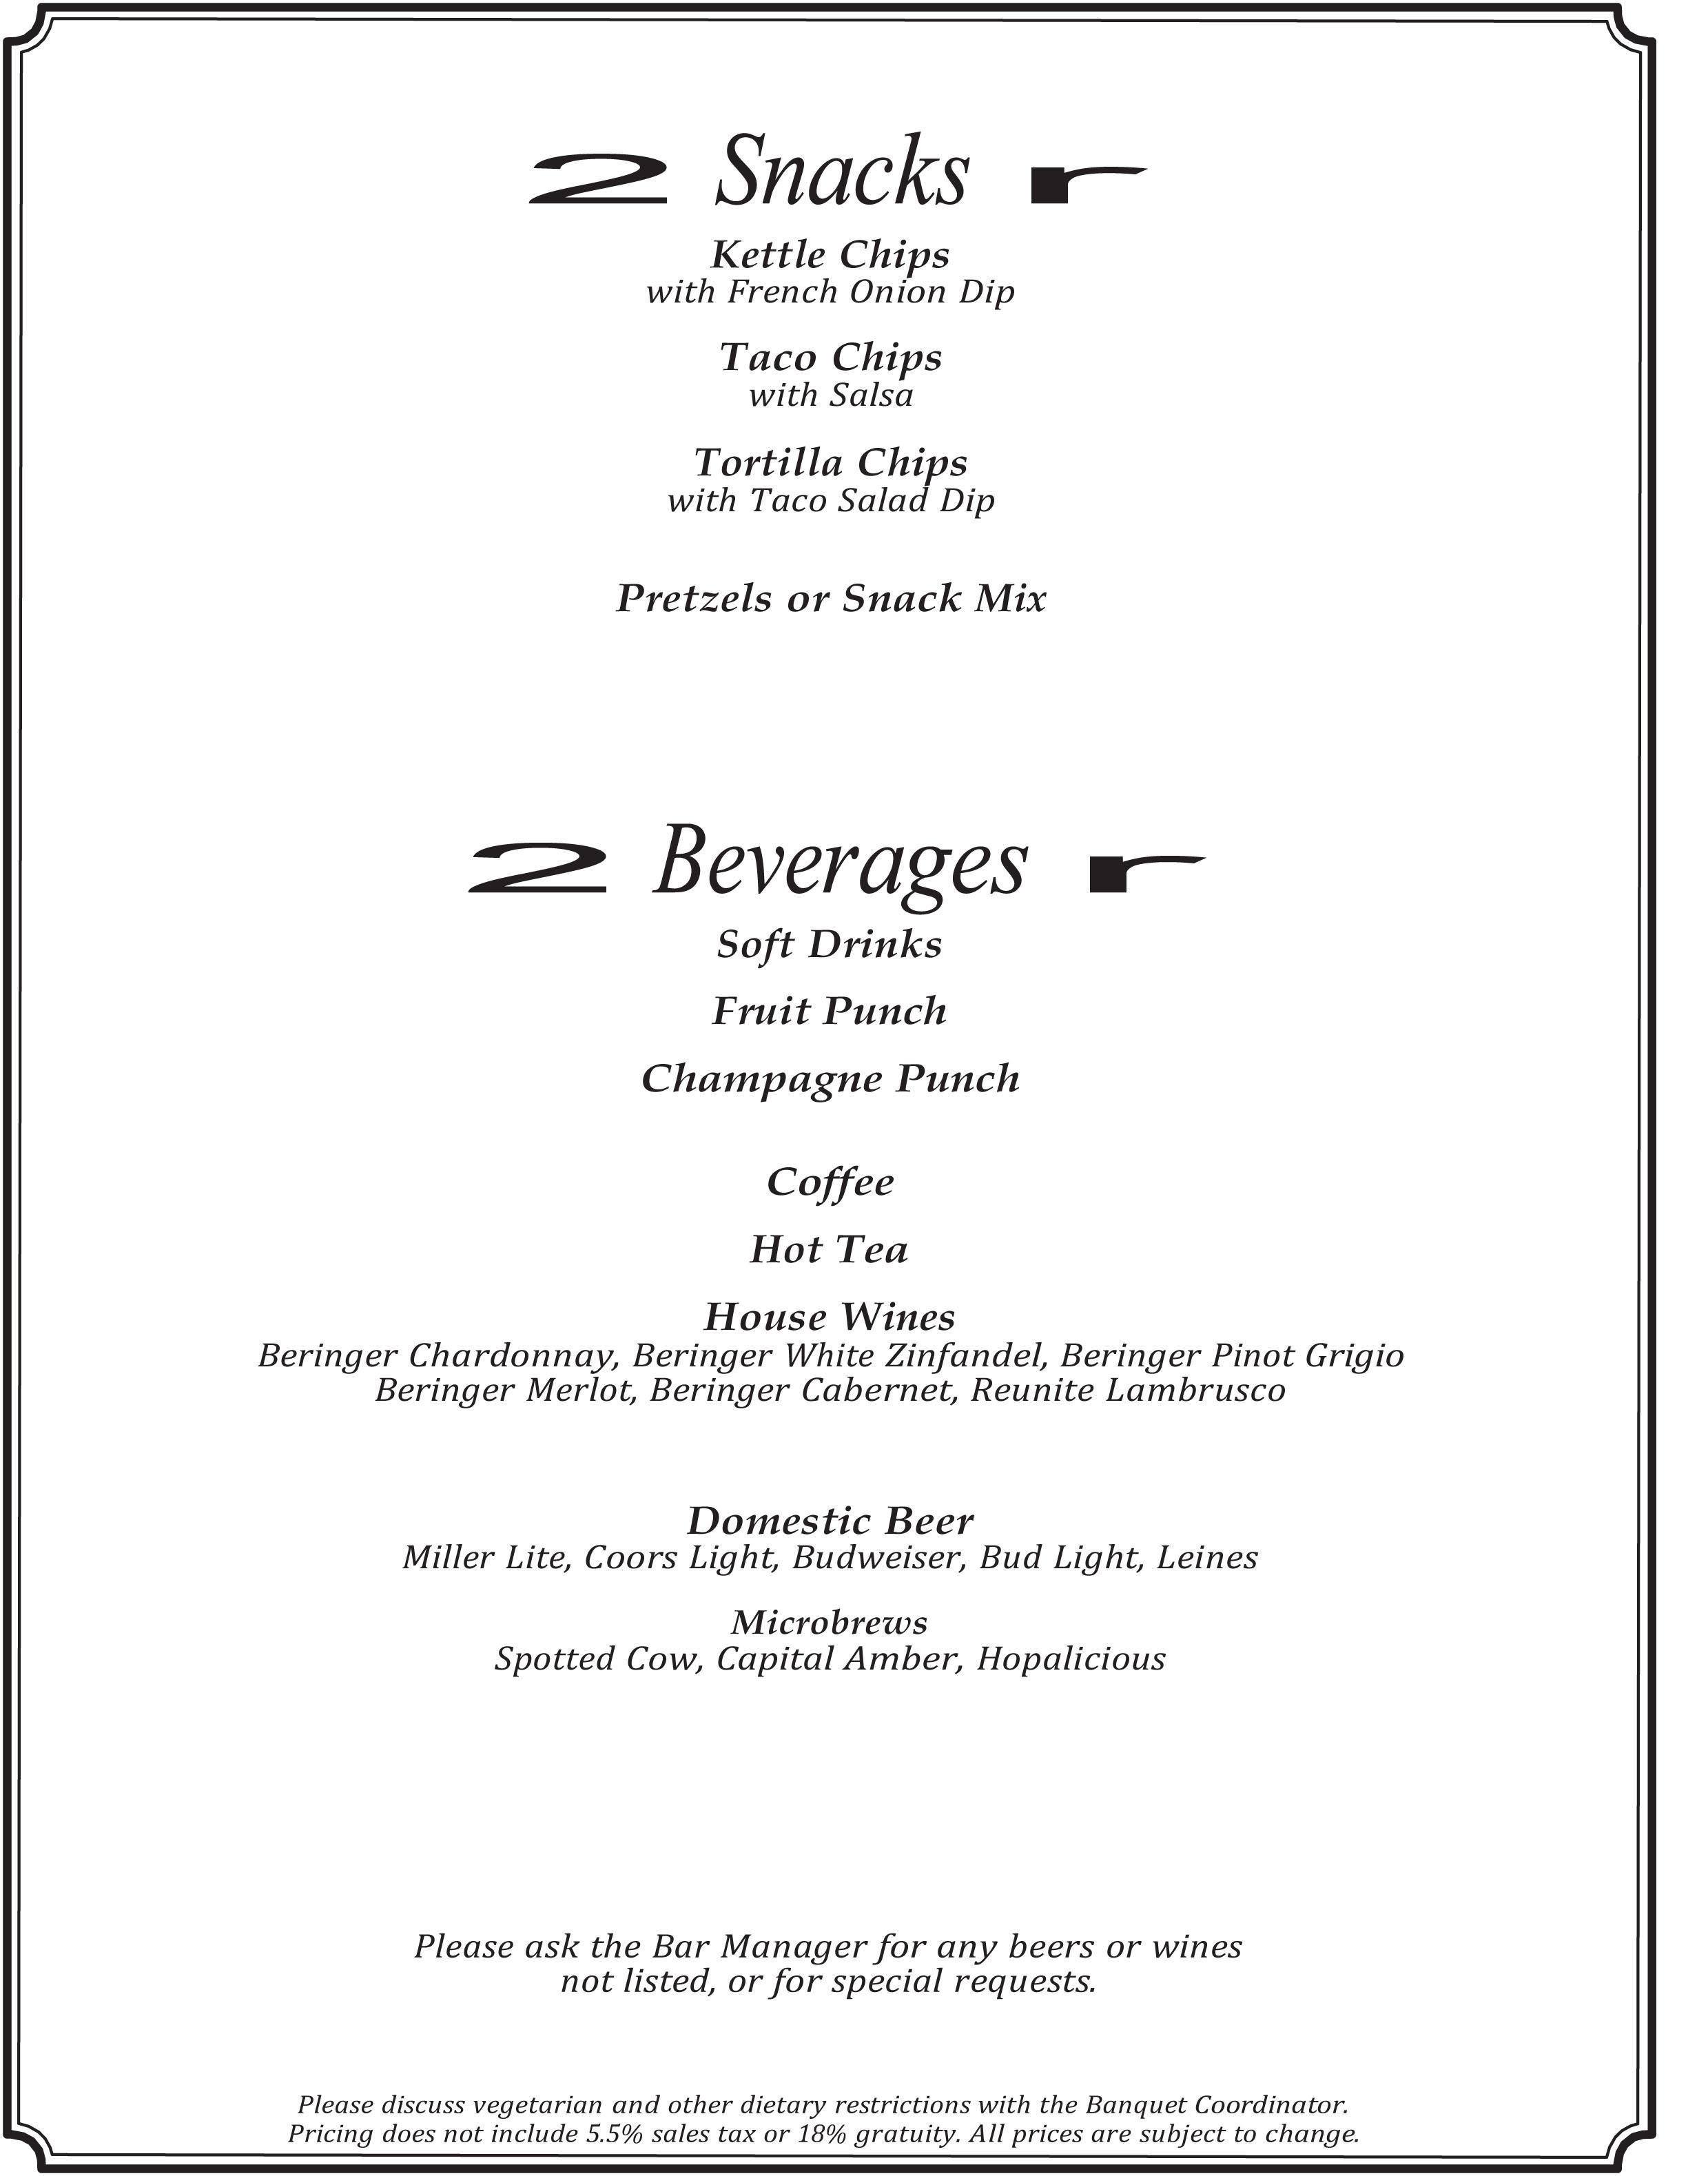 Elks_Banquet_Menu_Oct_15-7